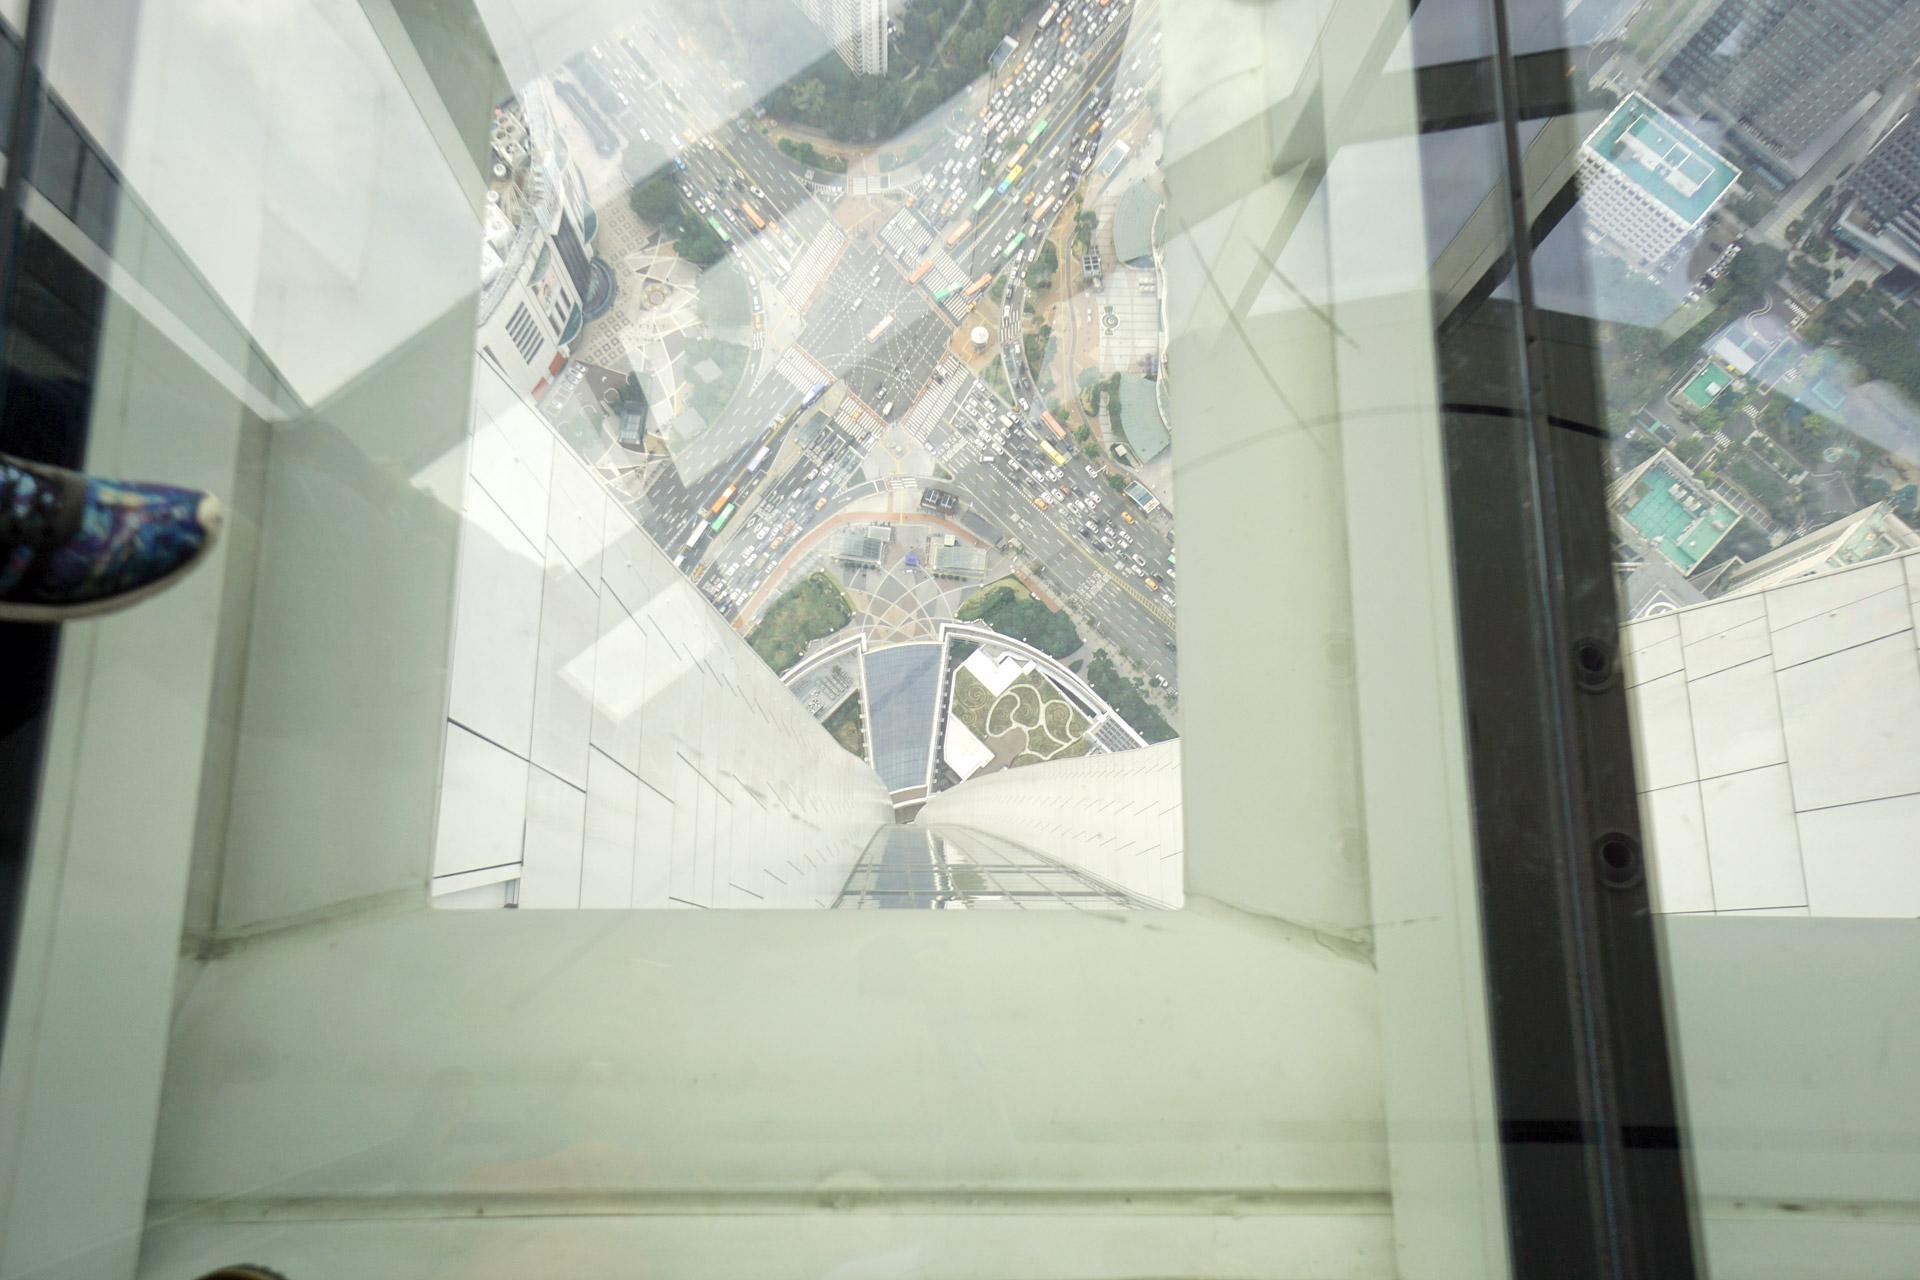 Blick in die Tiefe: Der Glasboden des Lotte World Towers erlaubt es den Besuchern ca. 500 Meter in die Tiefe zu blicken.